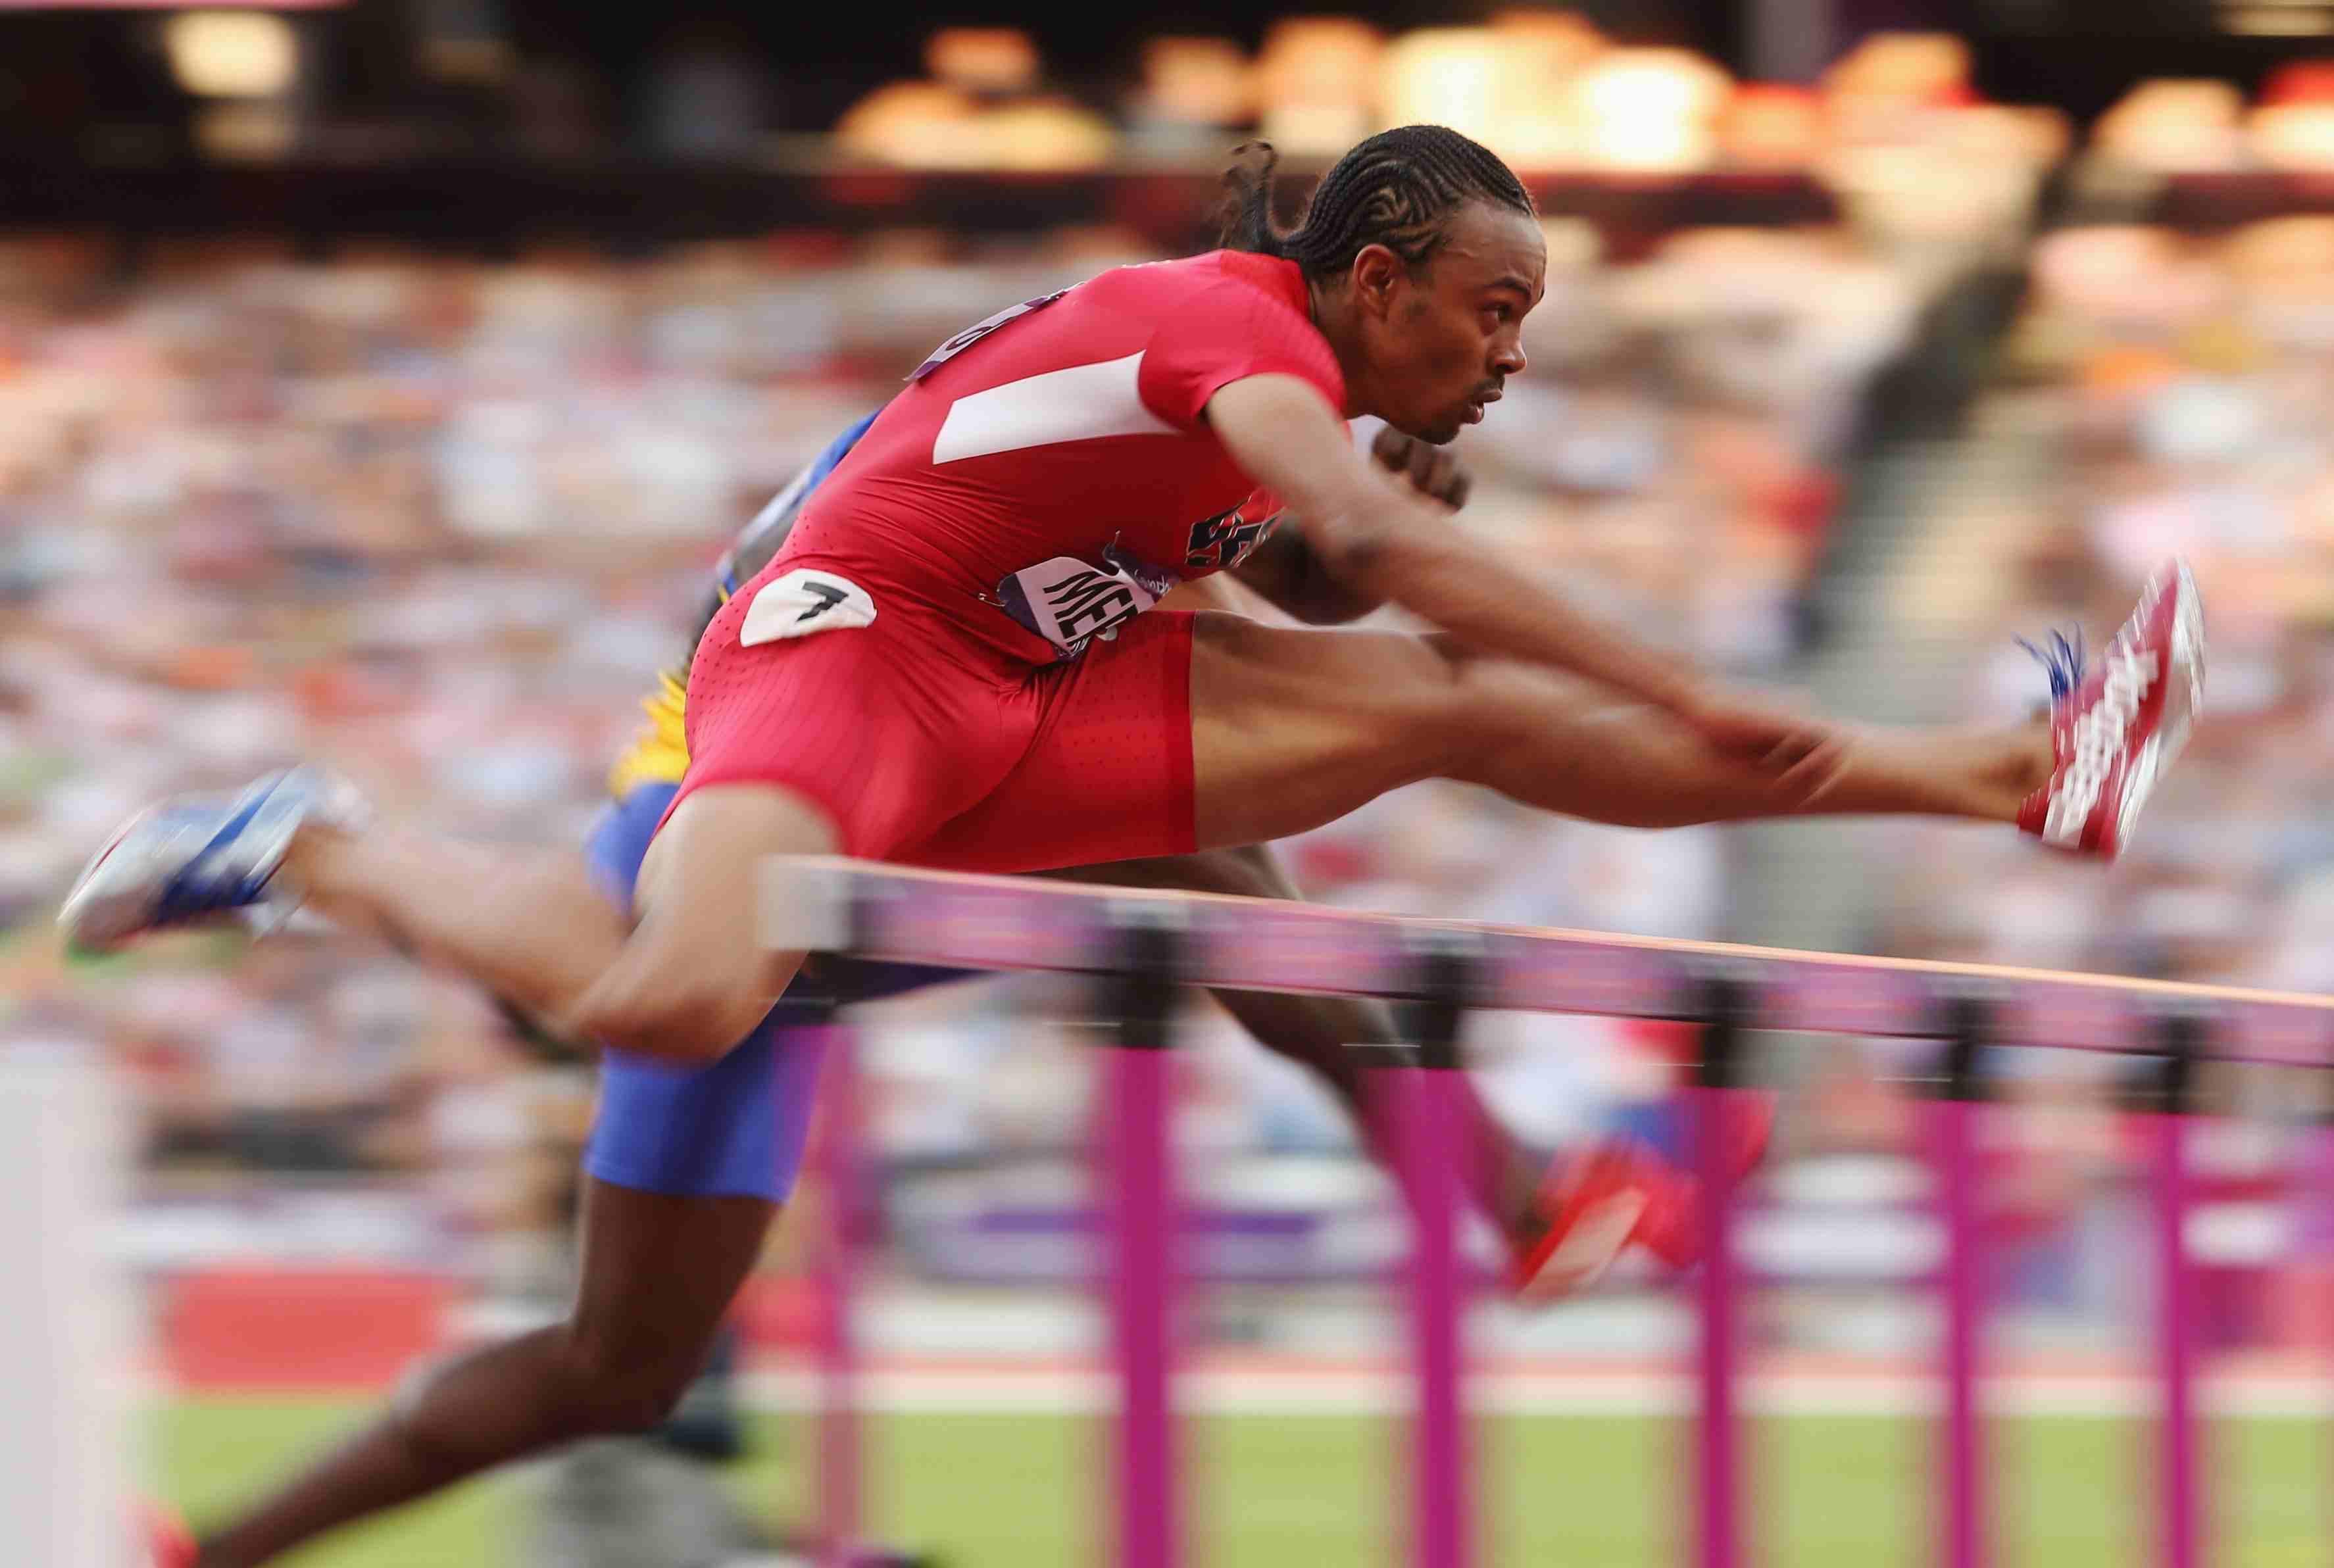 olympic hurdler harper run - HD3548×2384